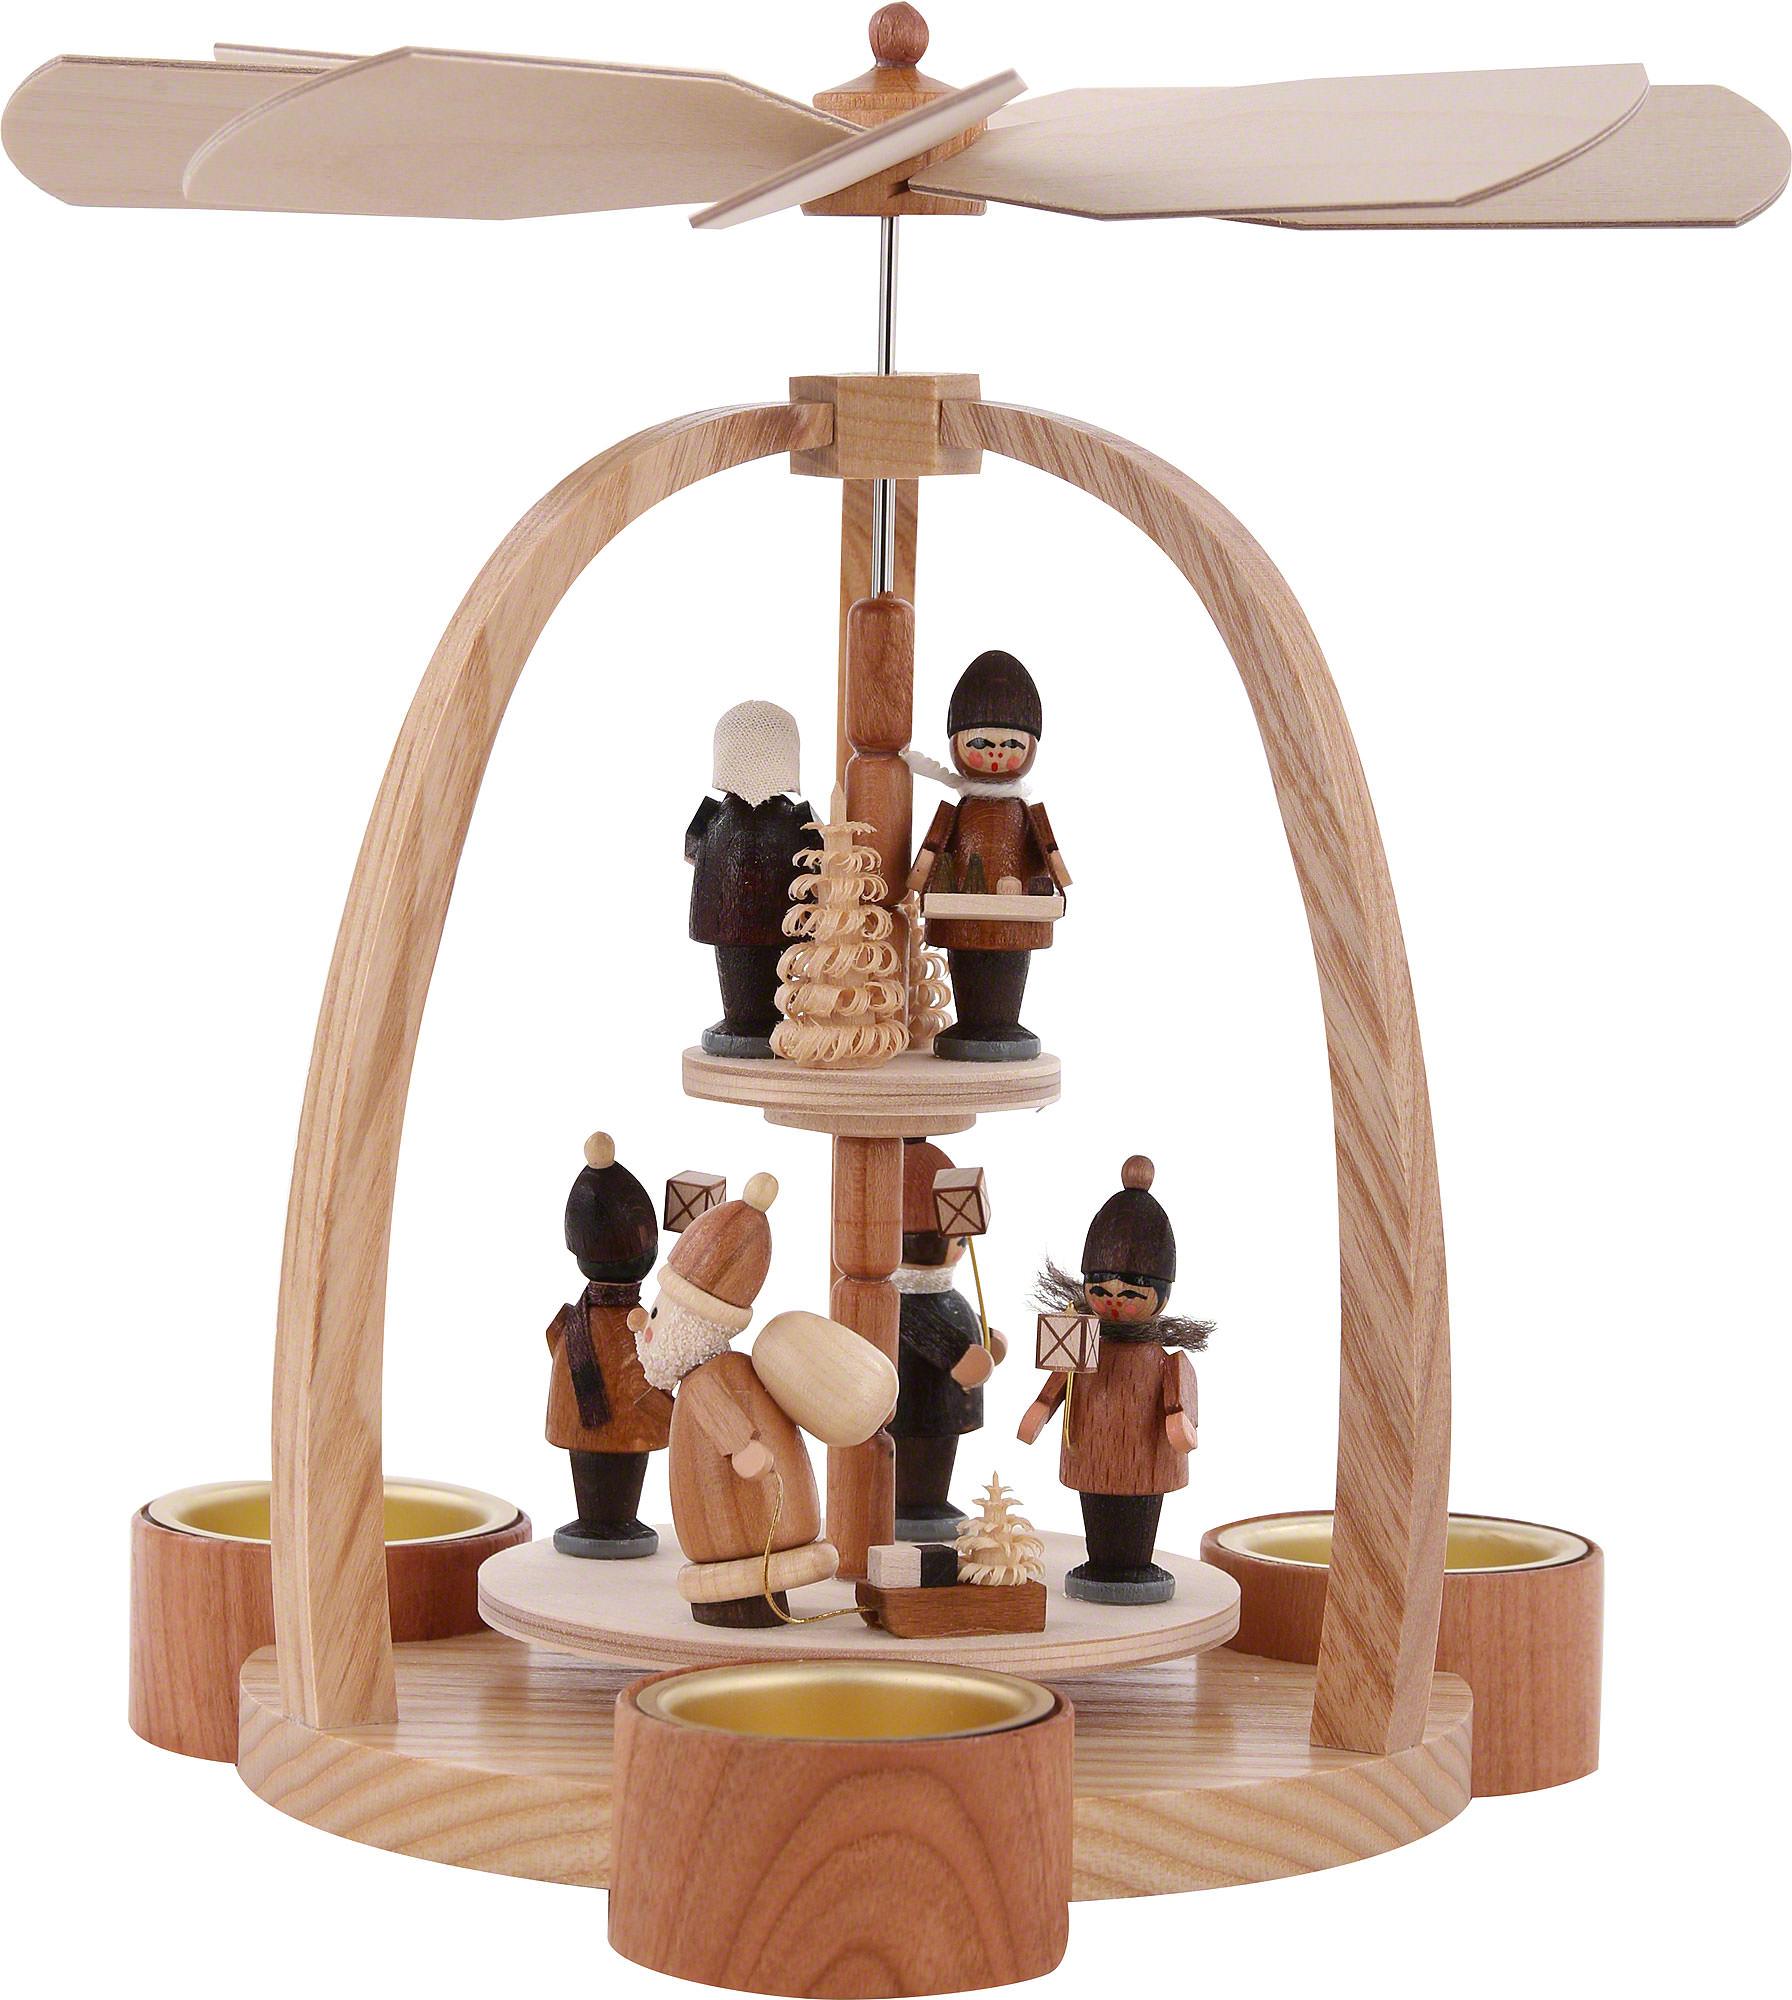 2 st ckige pyramide striezelkinder 24 cm von knuth neuber. Black Bedroom Furniture Sets. Home Design Ideas